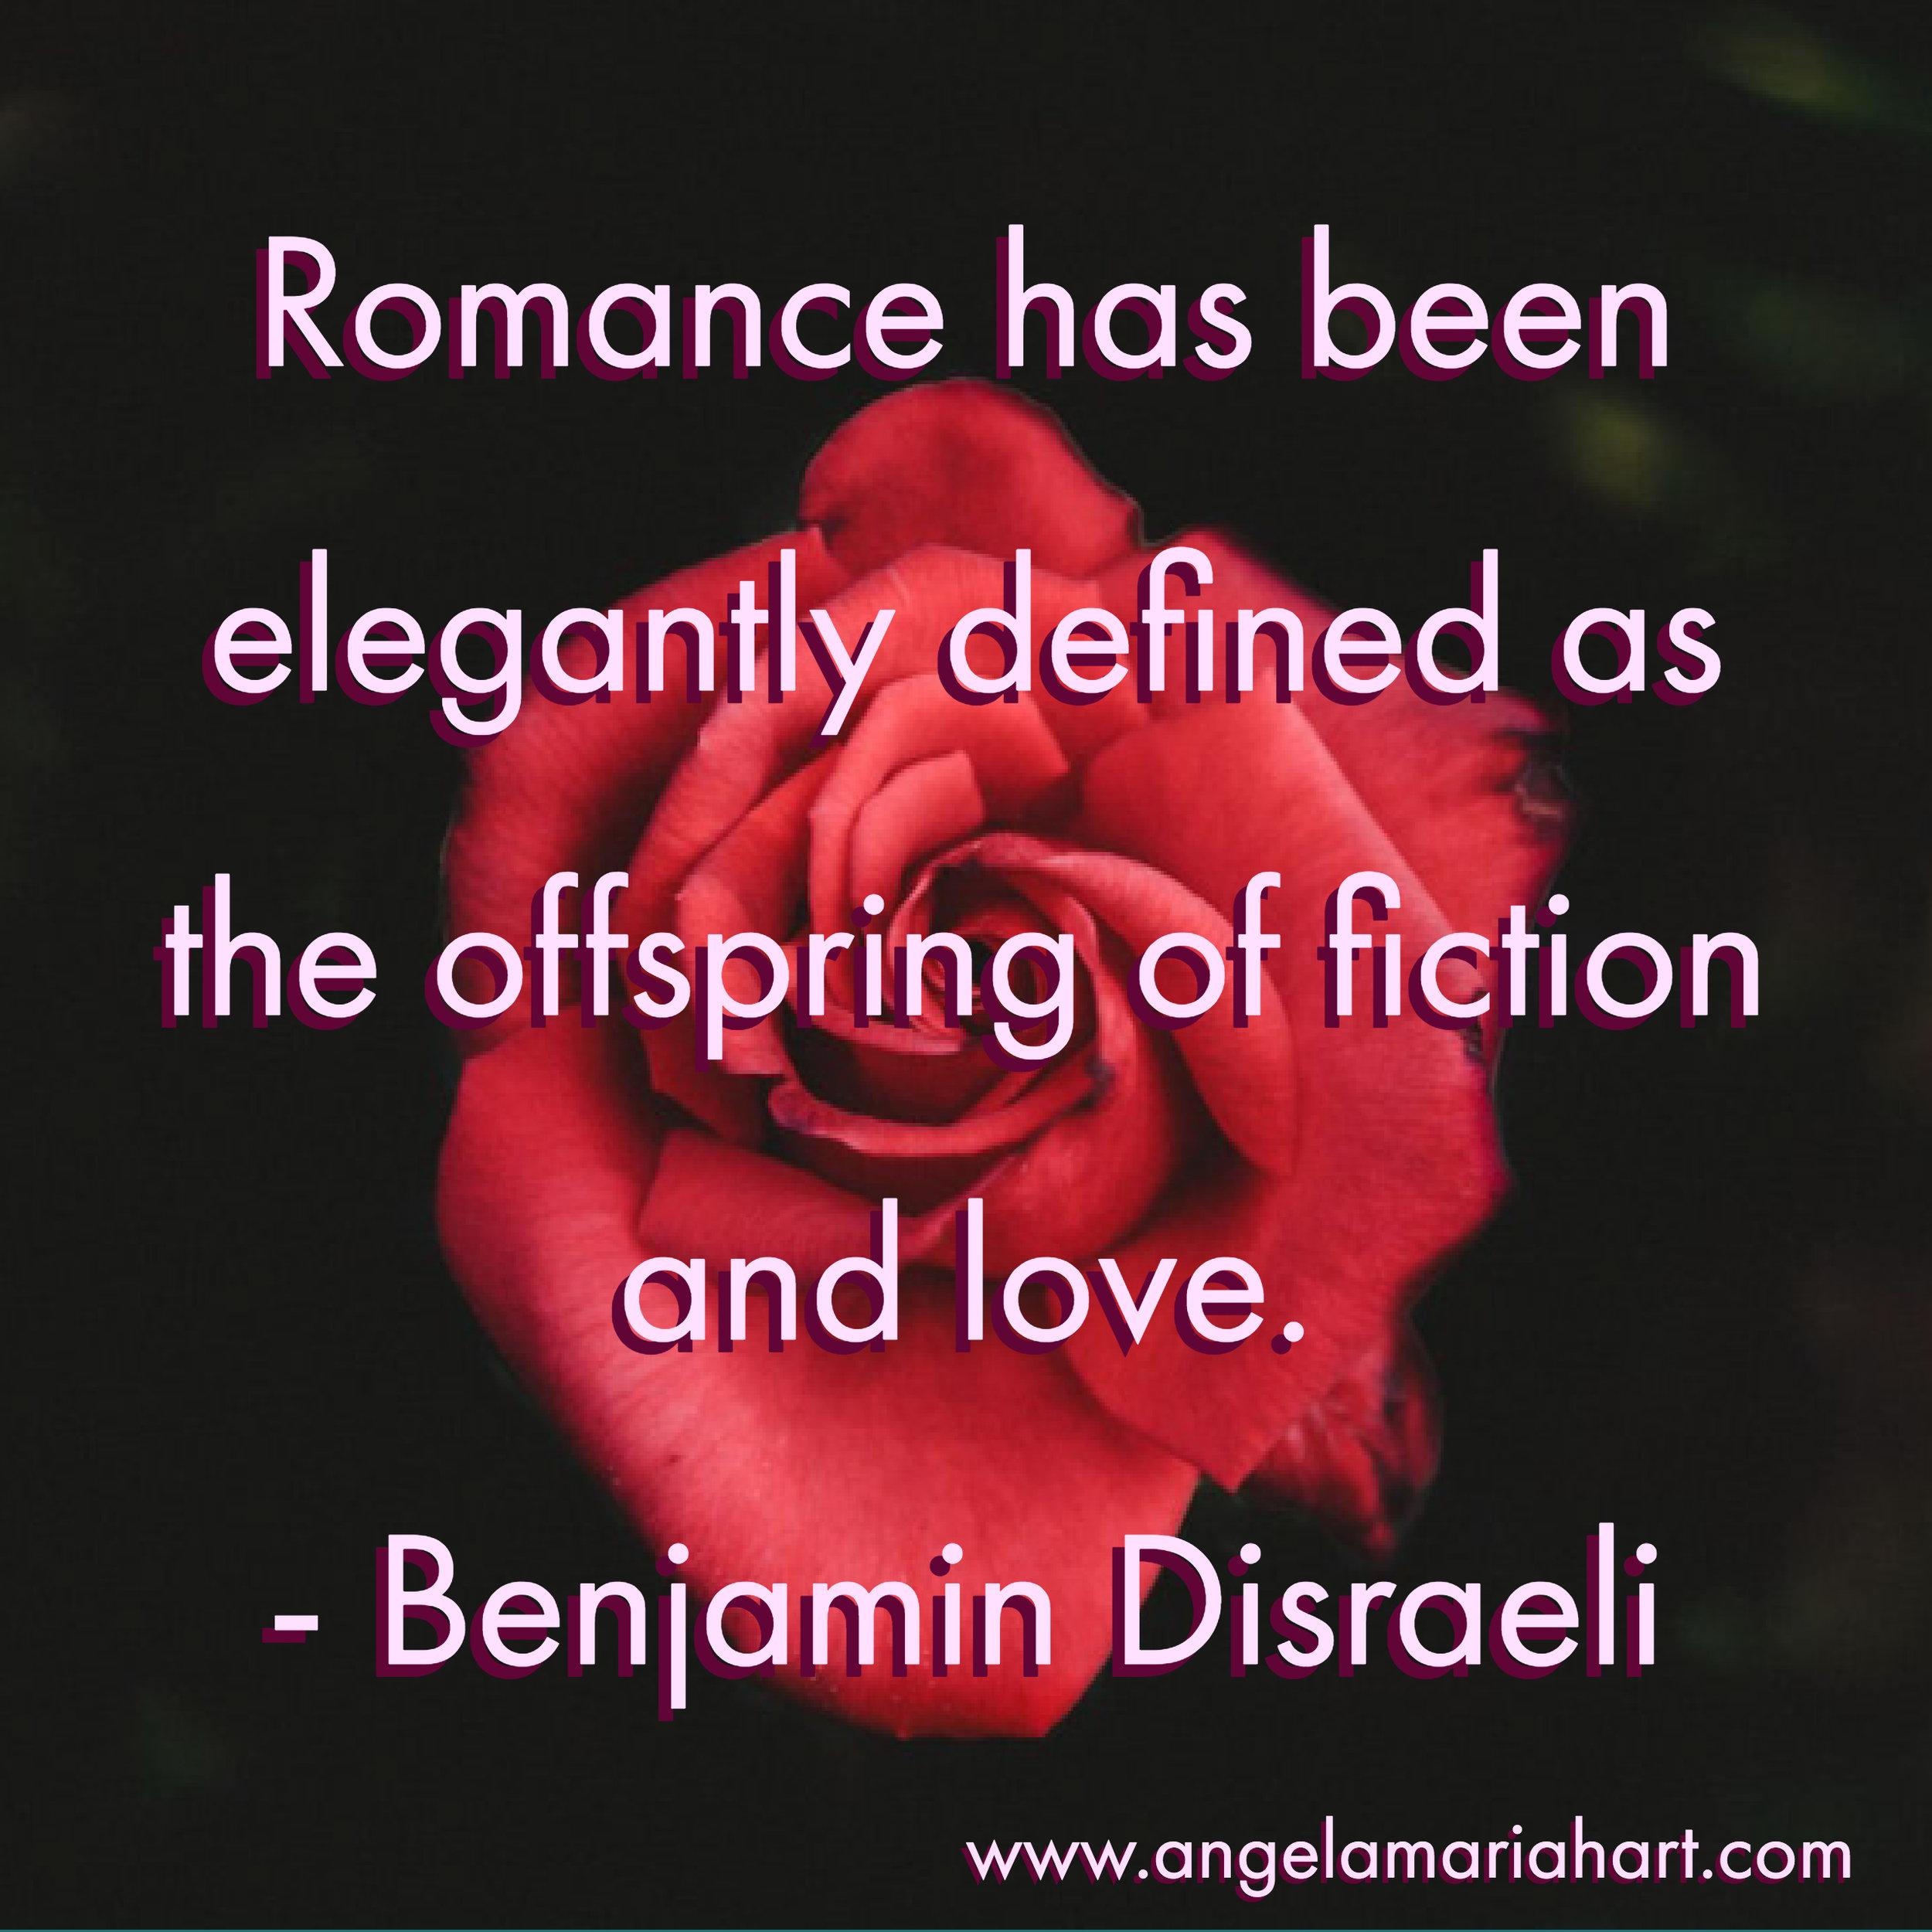 benjamin disraeli quote jpg